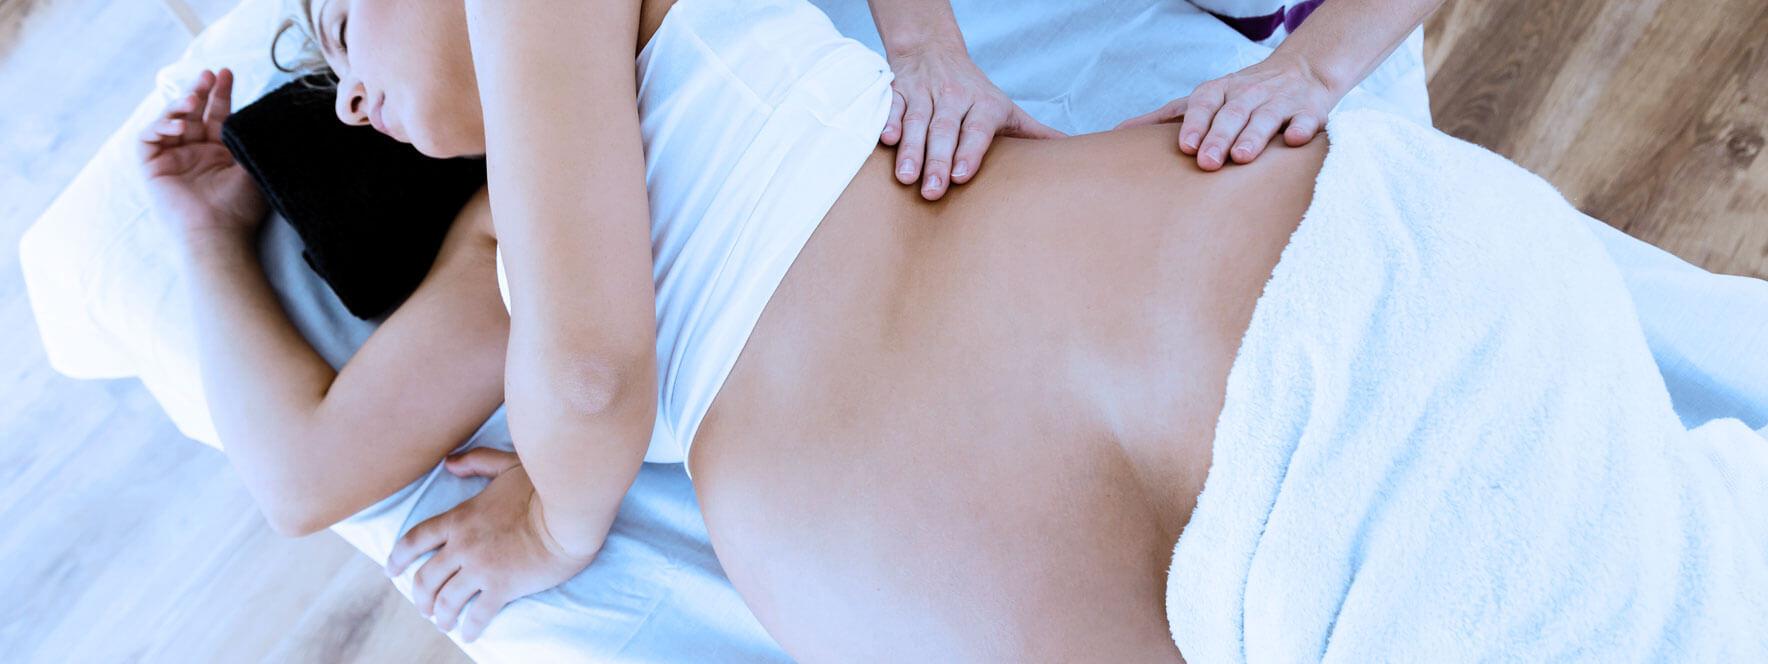 Femme enceinte qui reçoit un soin en massothérapie